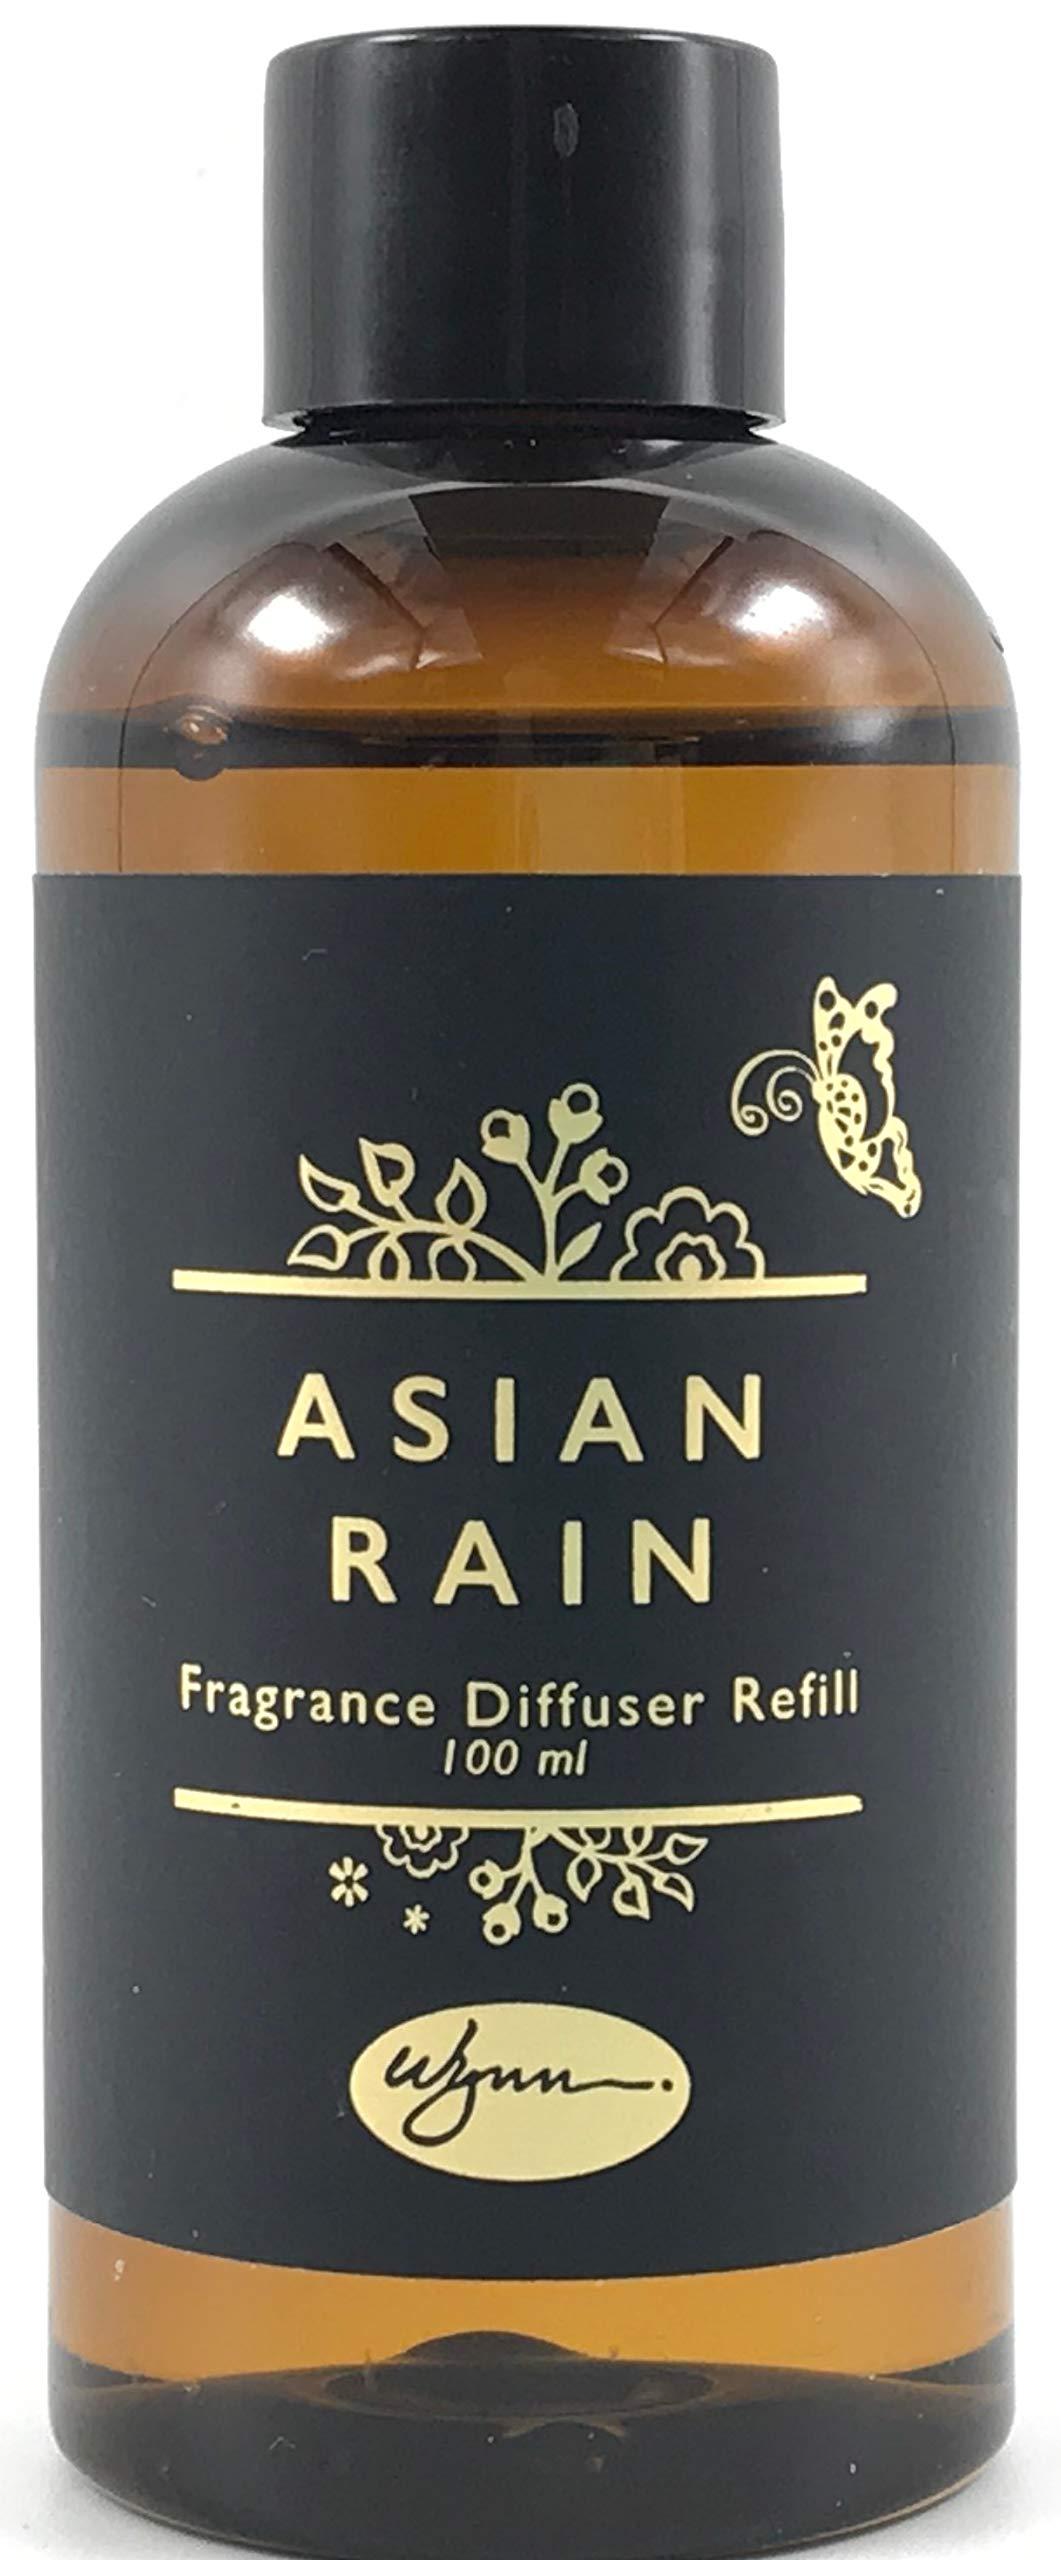 Wynn Asian Rain Oil Signature Scent 100ml